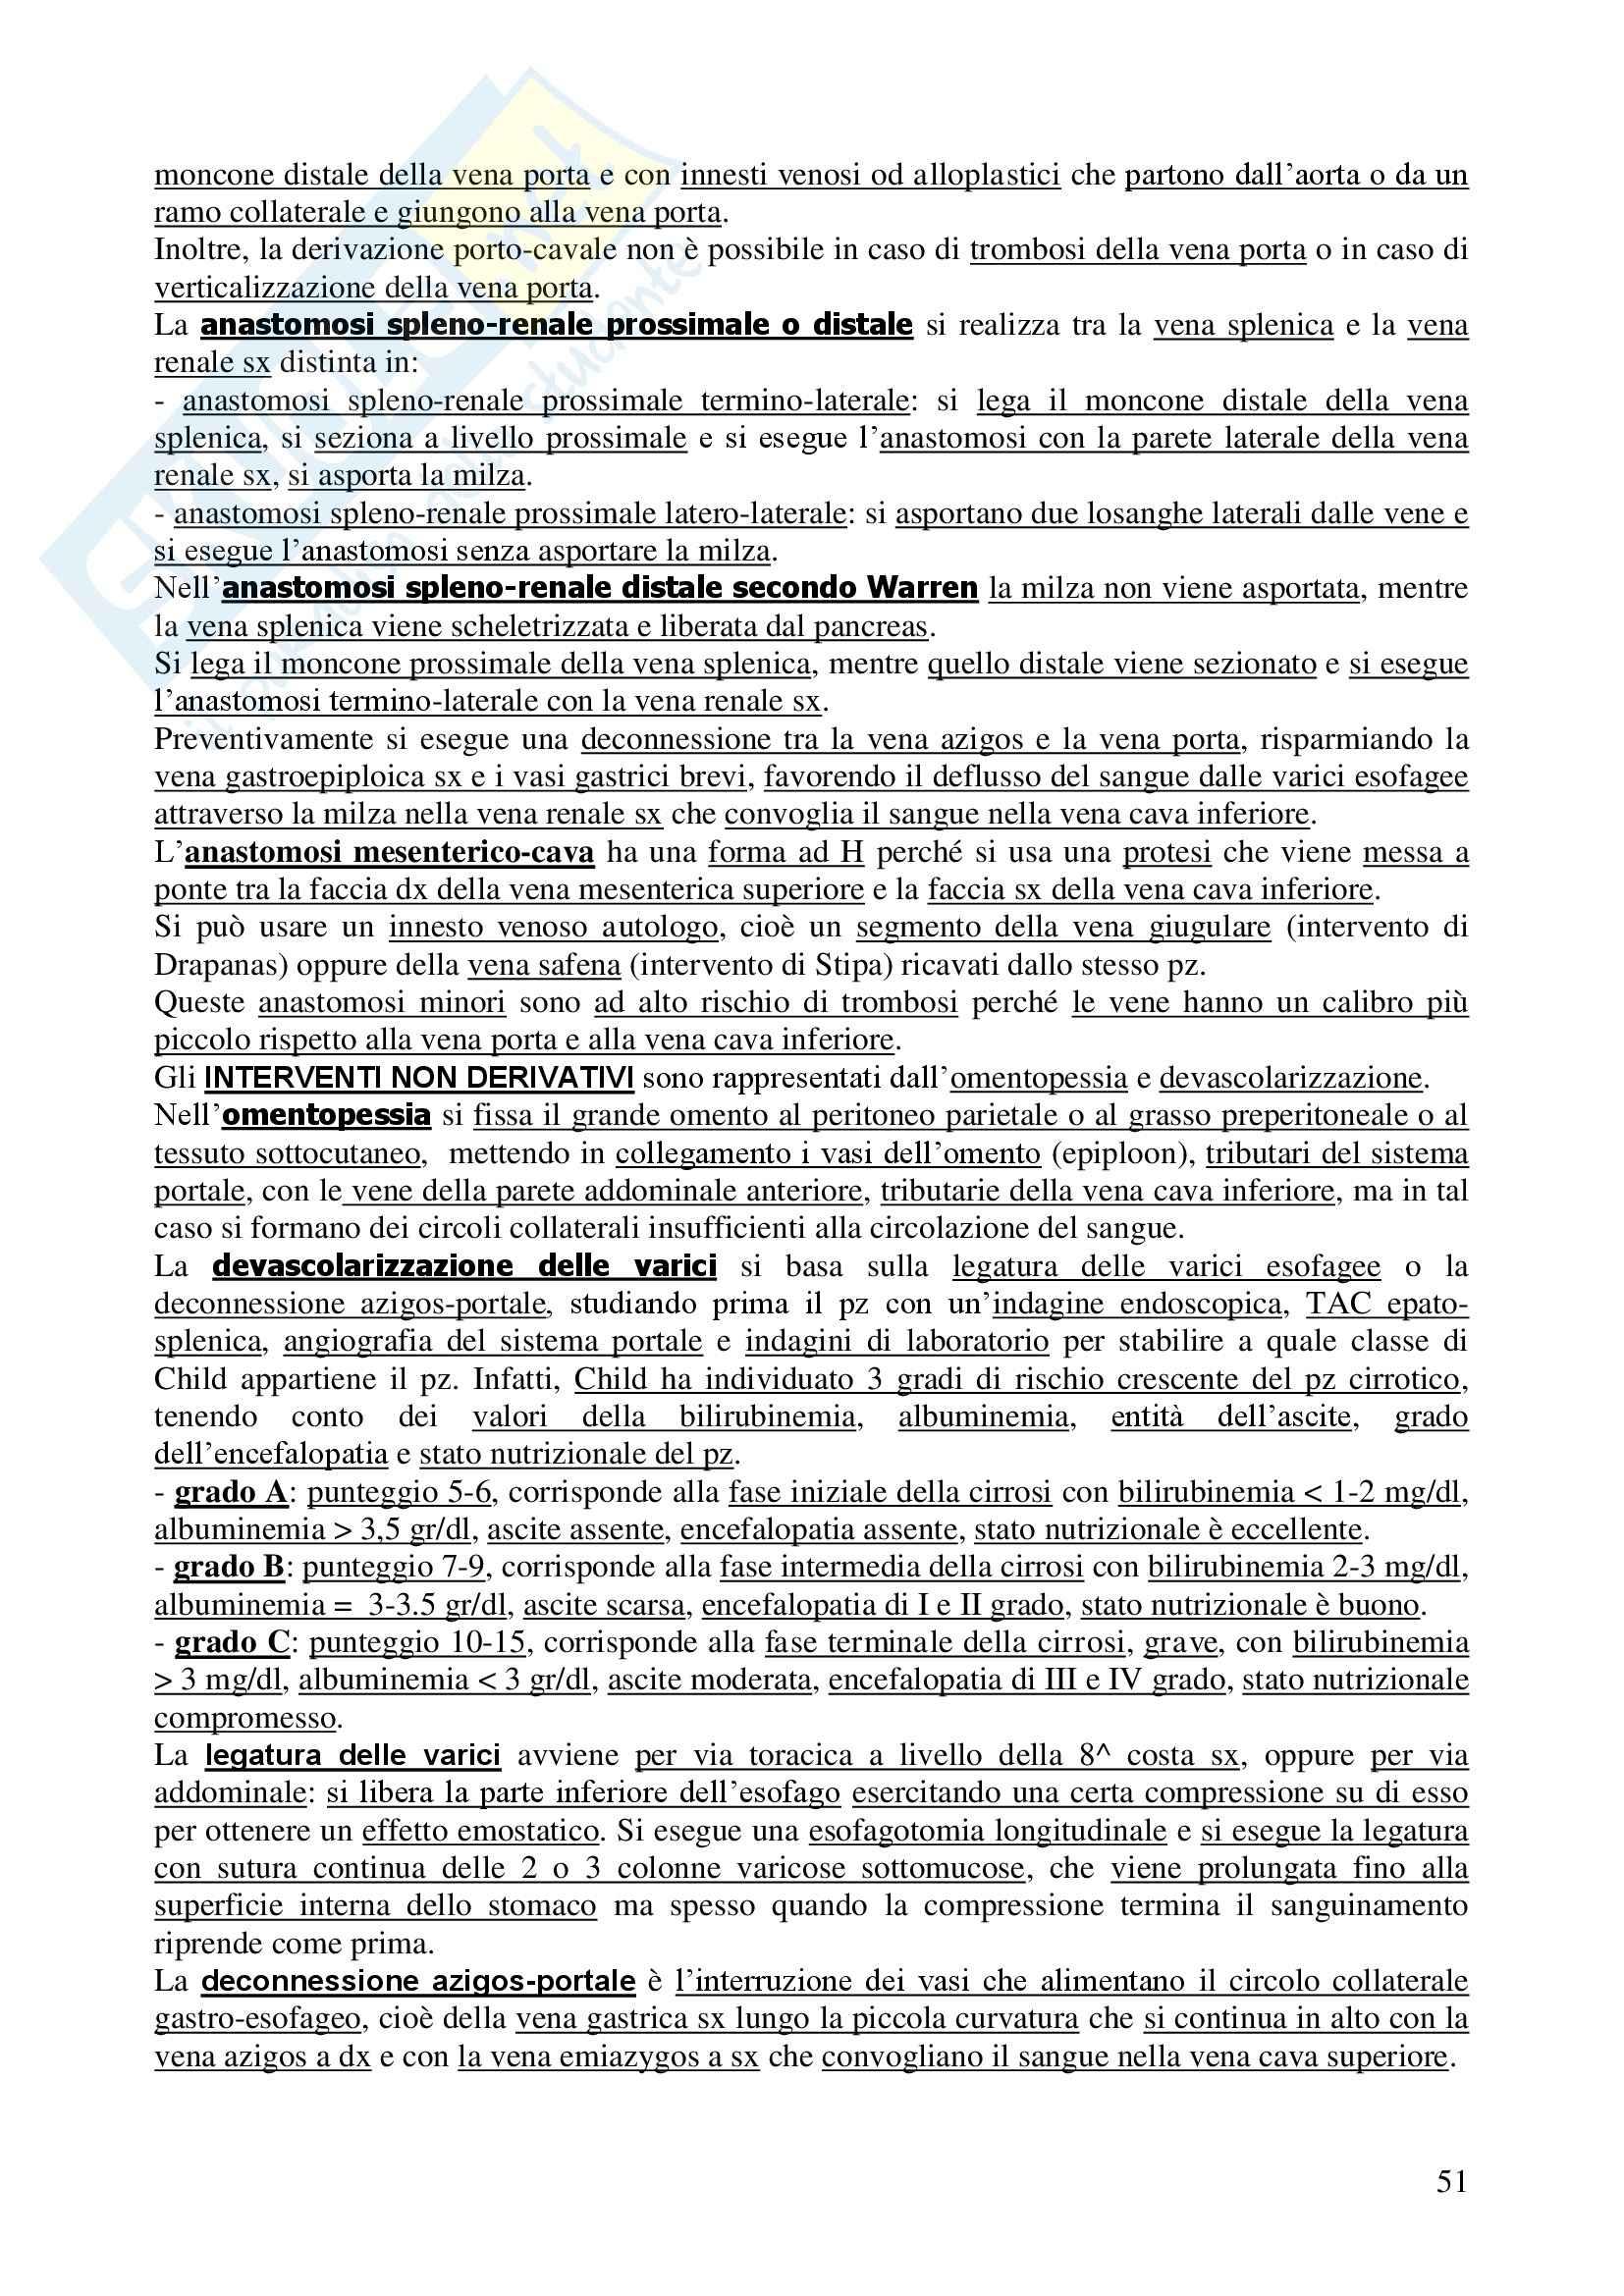 Chirurgia - chirurgia generale - Appunti Pag. 51